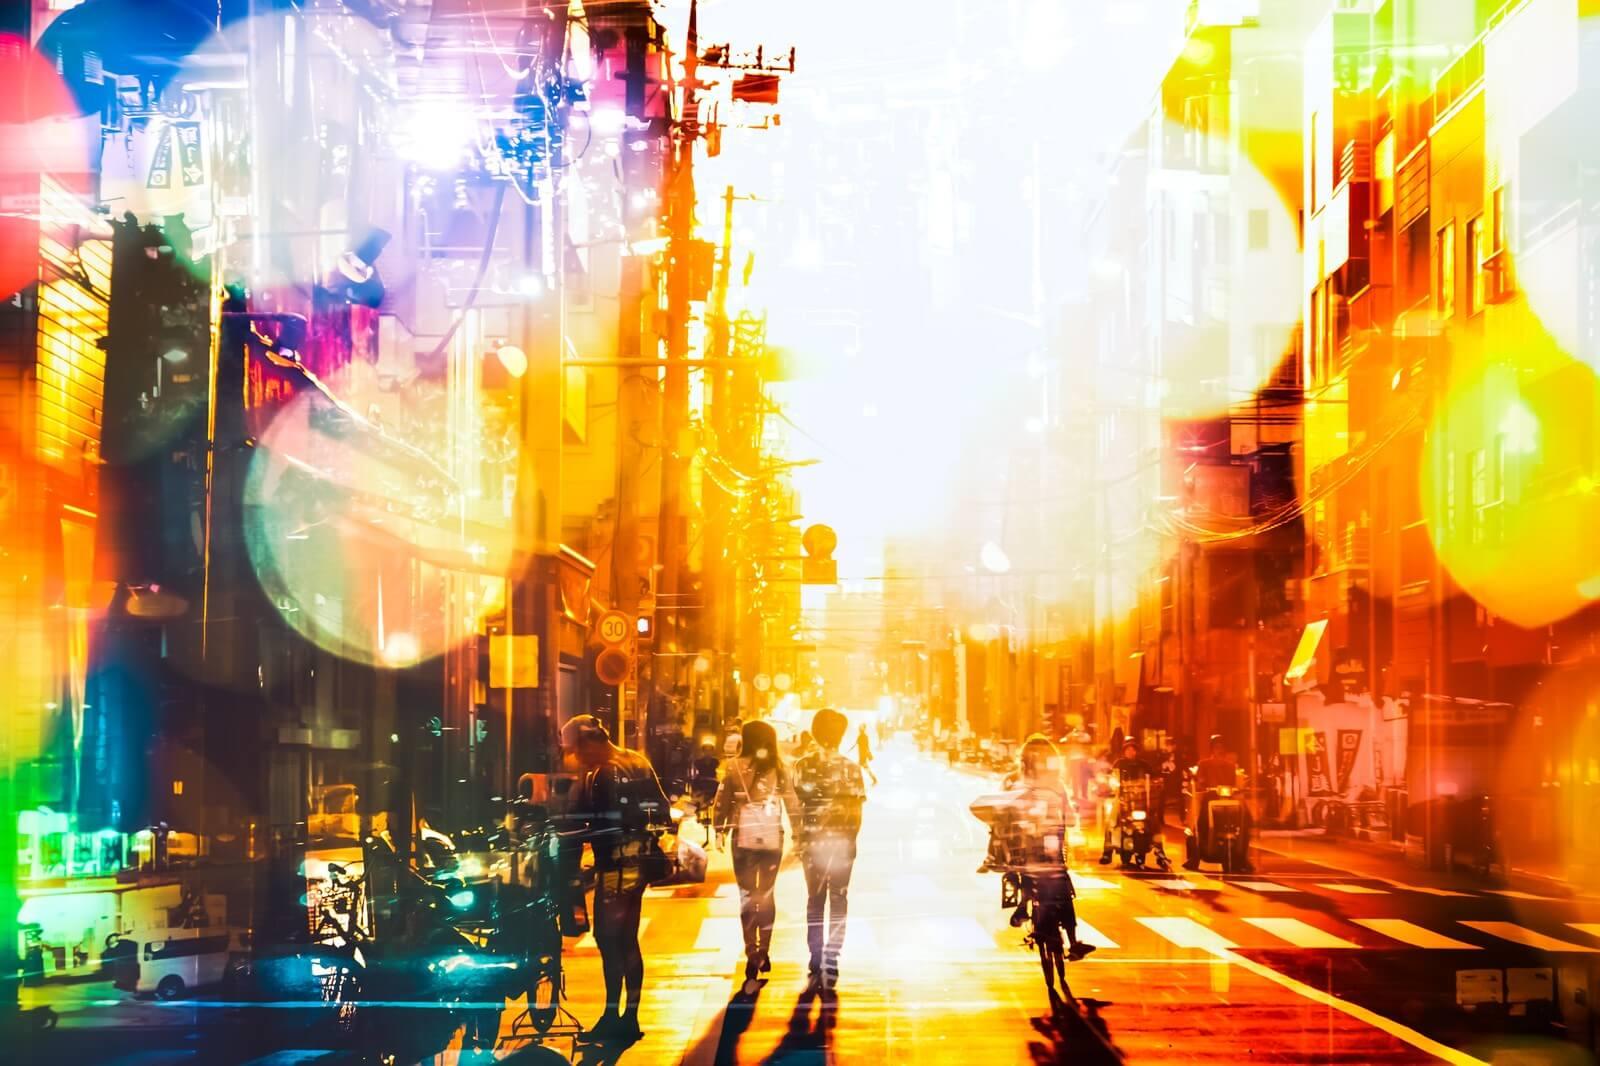 虹色にきらめく街並み